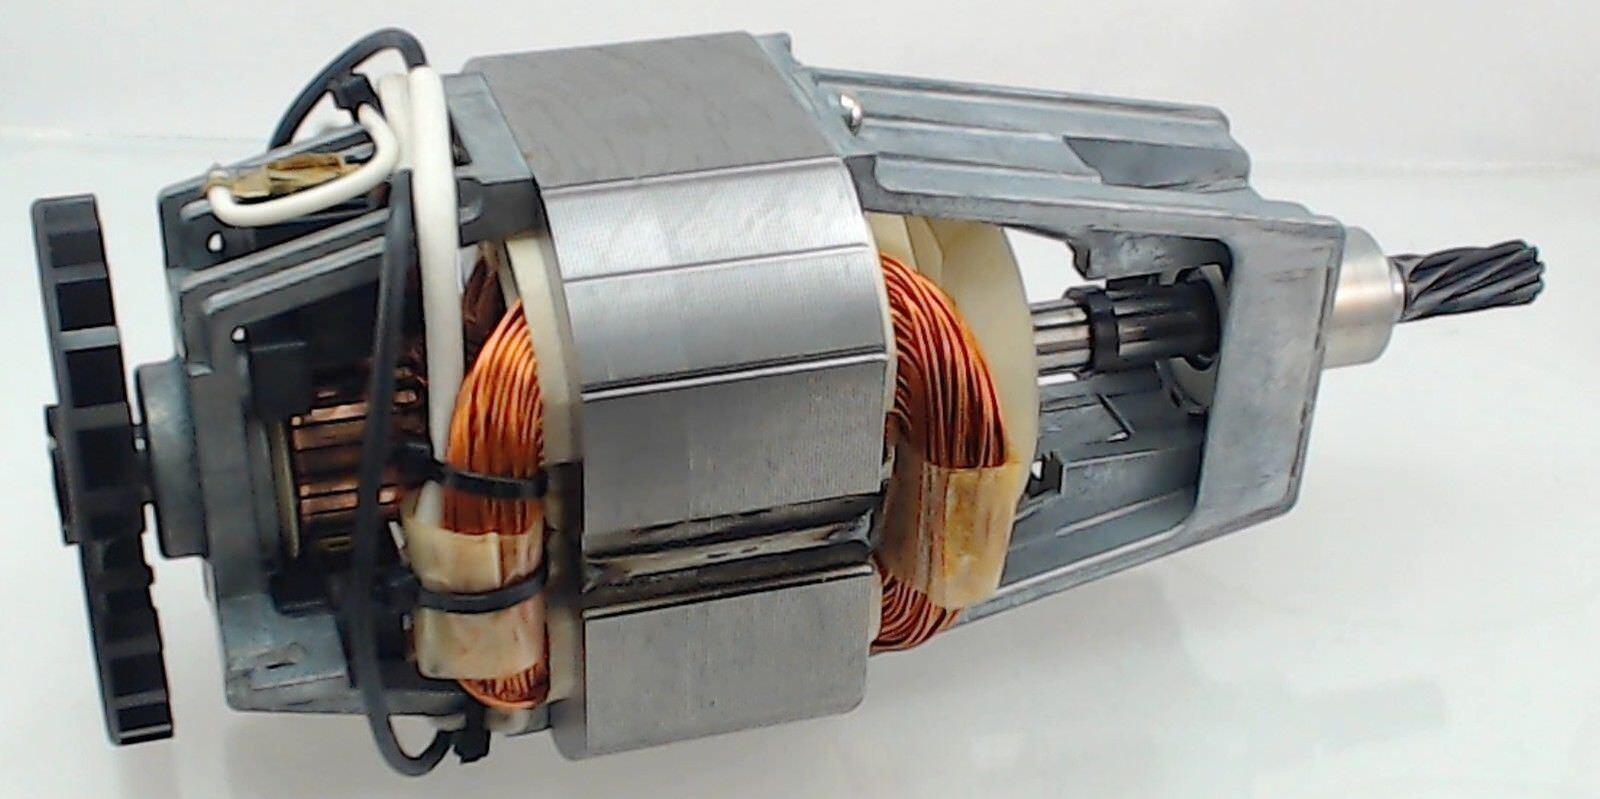 KitchenAid Stand Mixer Motor Assembly, AP4325635, PS2325379, 9703571